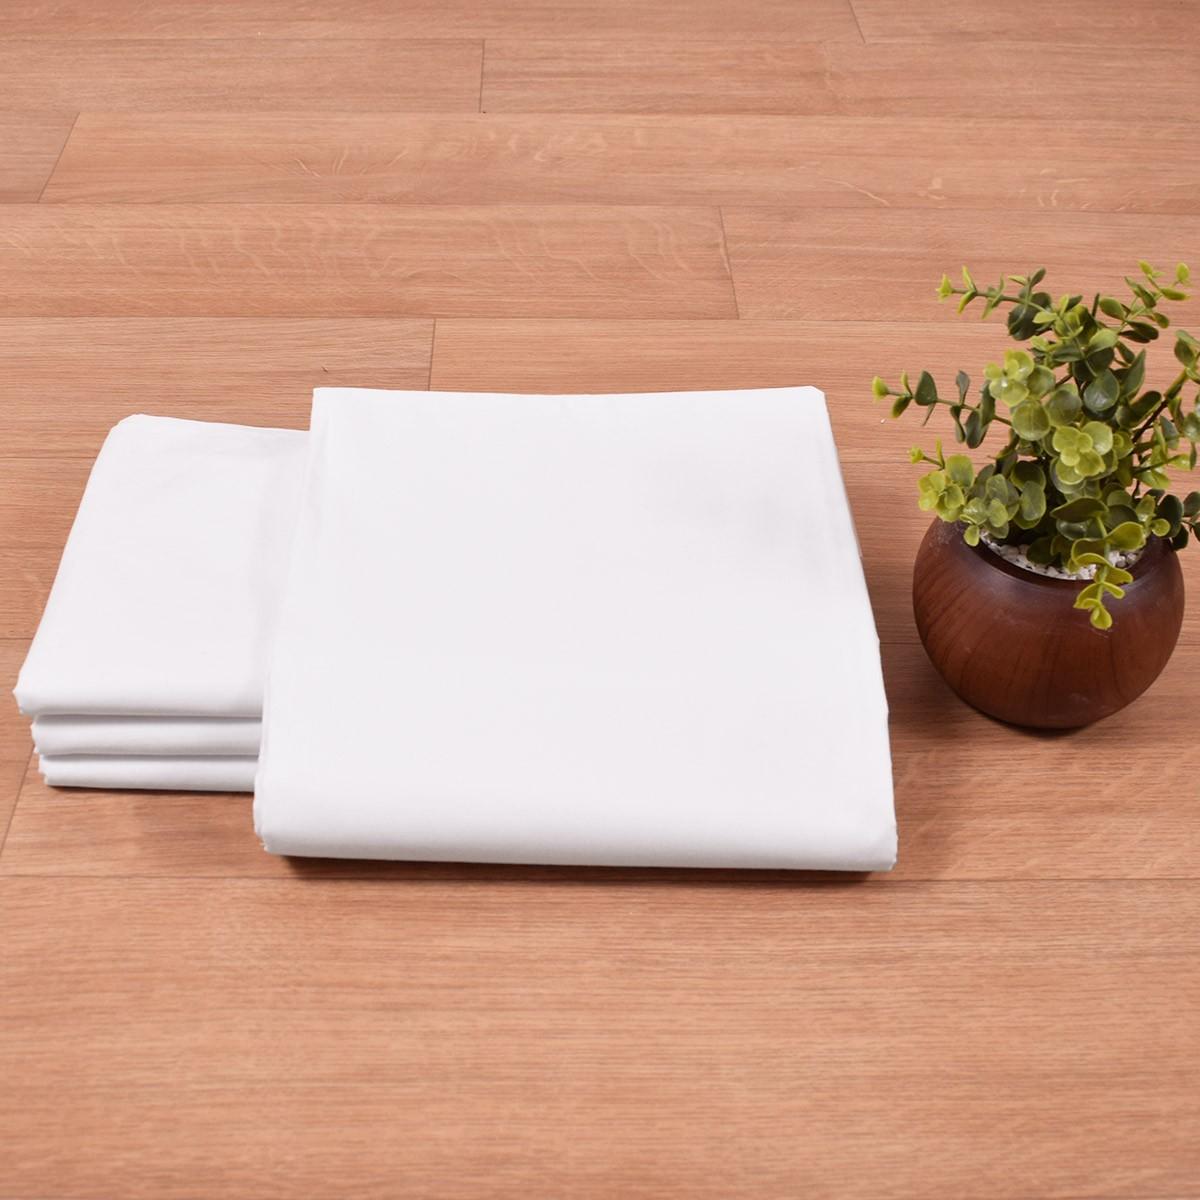 Σεντόνι (160x270) 50%Βαμβάκι 50%Polyester T144 home   επαγγελματικός εξοπλισμός   ξενοδοχειακός εξοπλισμός   σεντόνια ξενοδοχεί